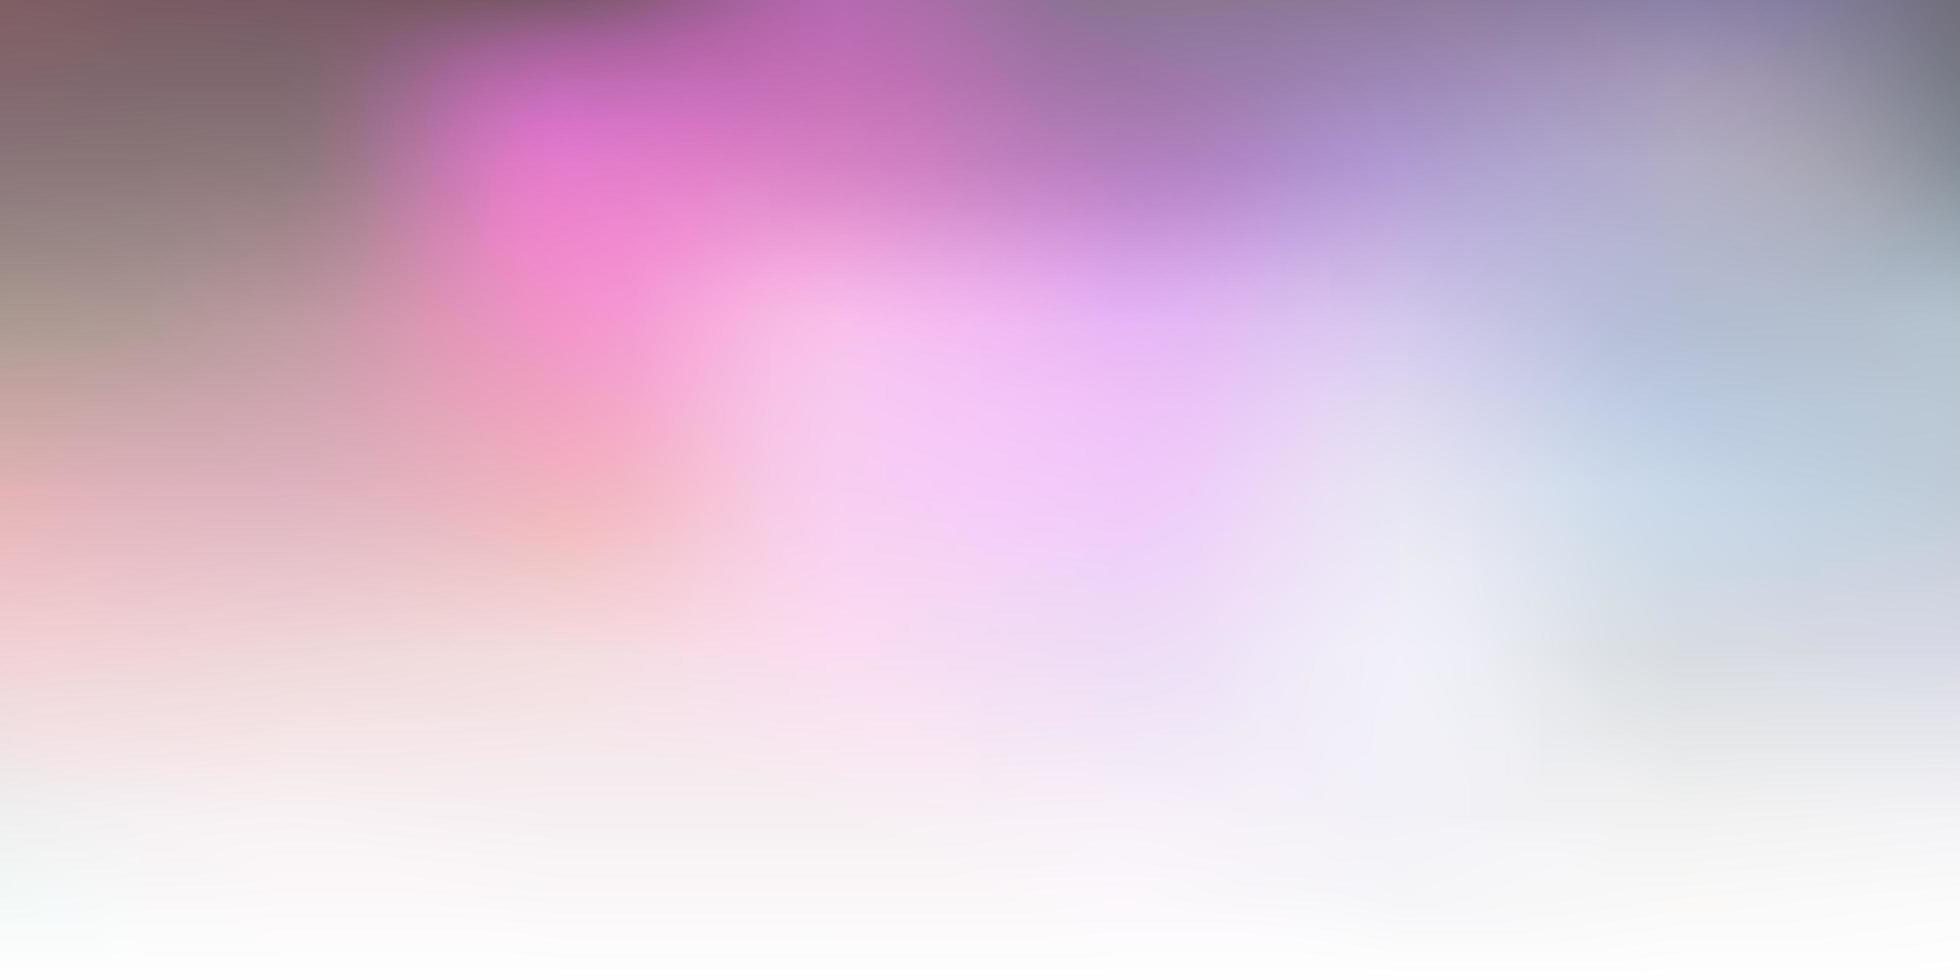 mörkrosa, grön vektor suddig bakgrund.